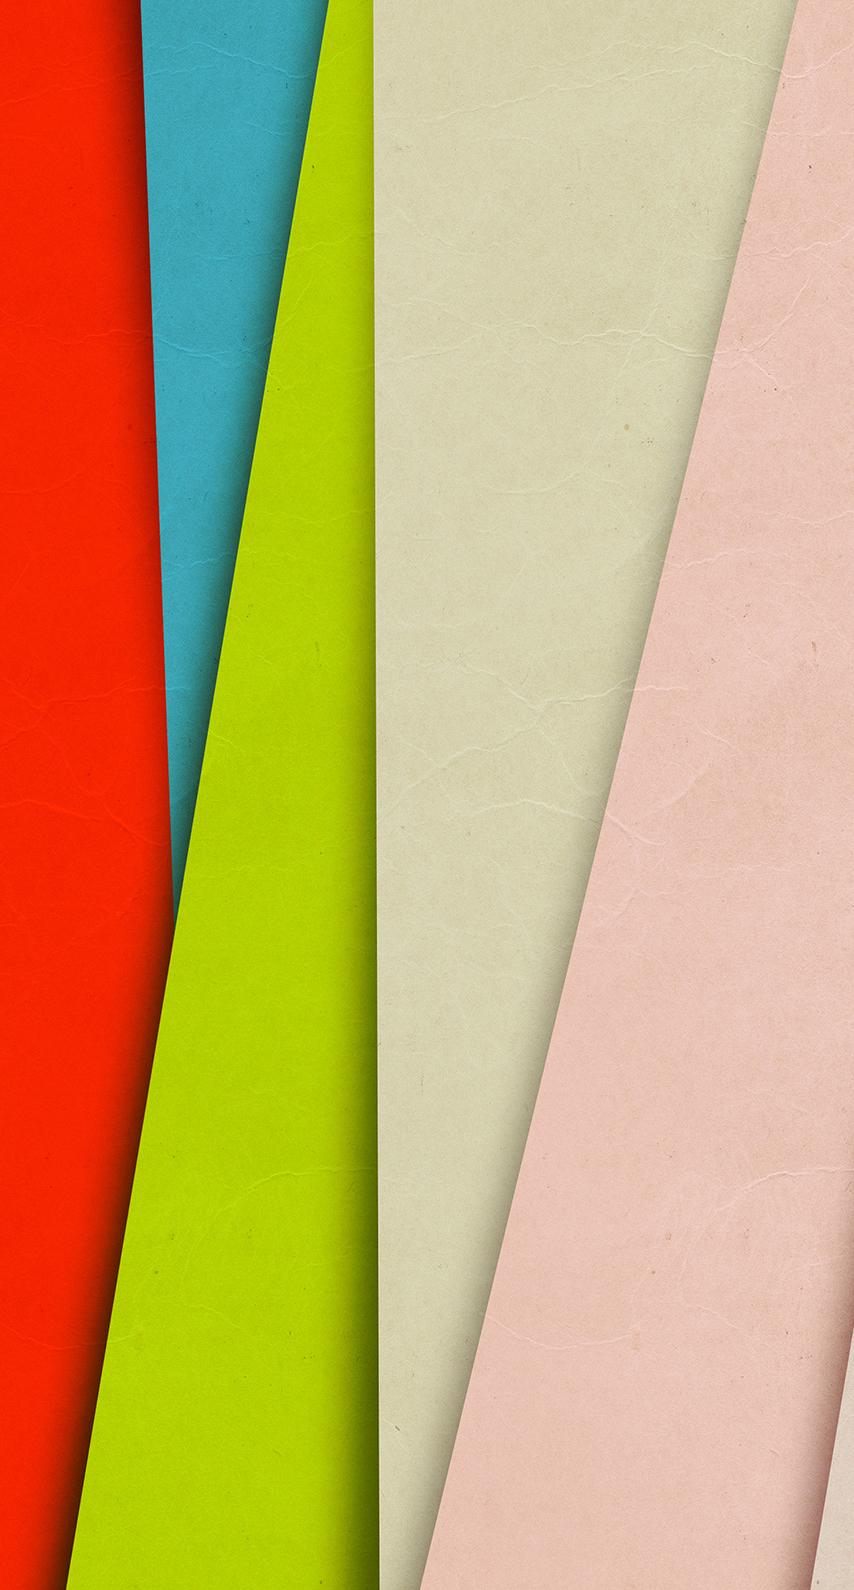 wallpaper, desktop, illustration, stripe, no person, color, creativity, motley, coloring